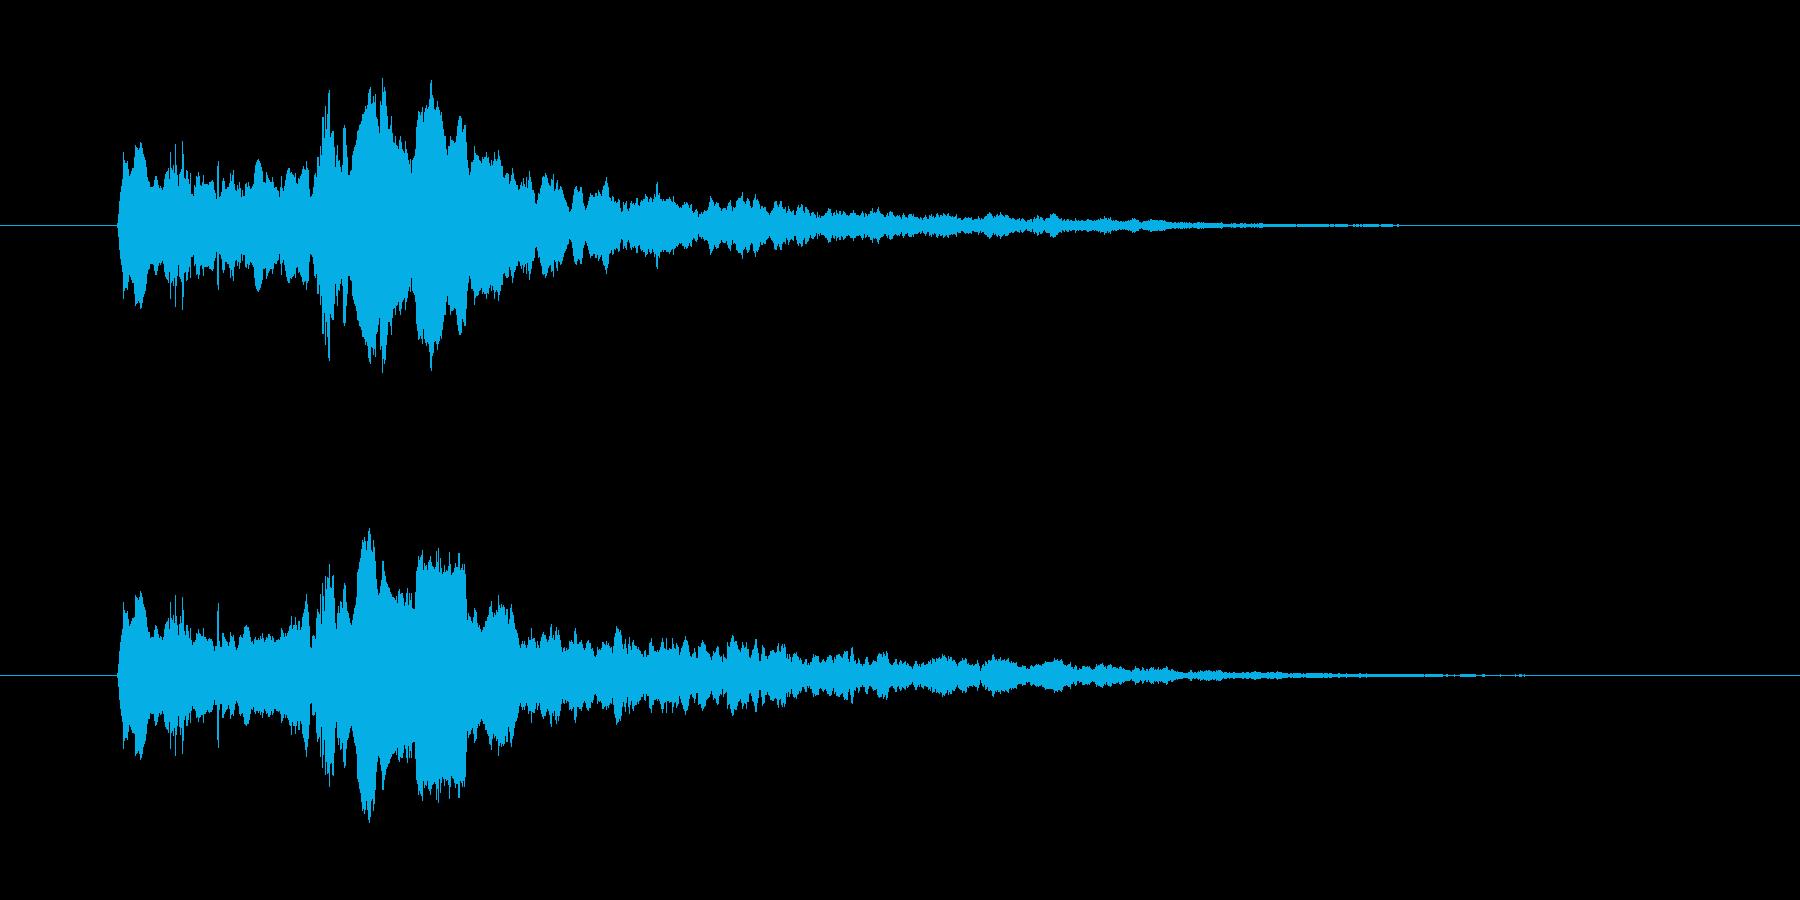 パワーダウン 使用 キュイーン ぴゅいんの再生済みの波形